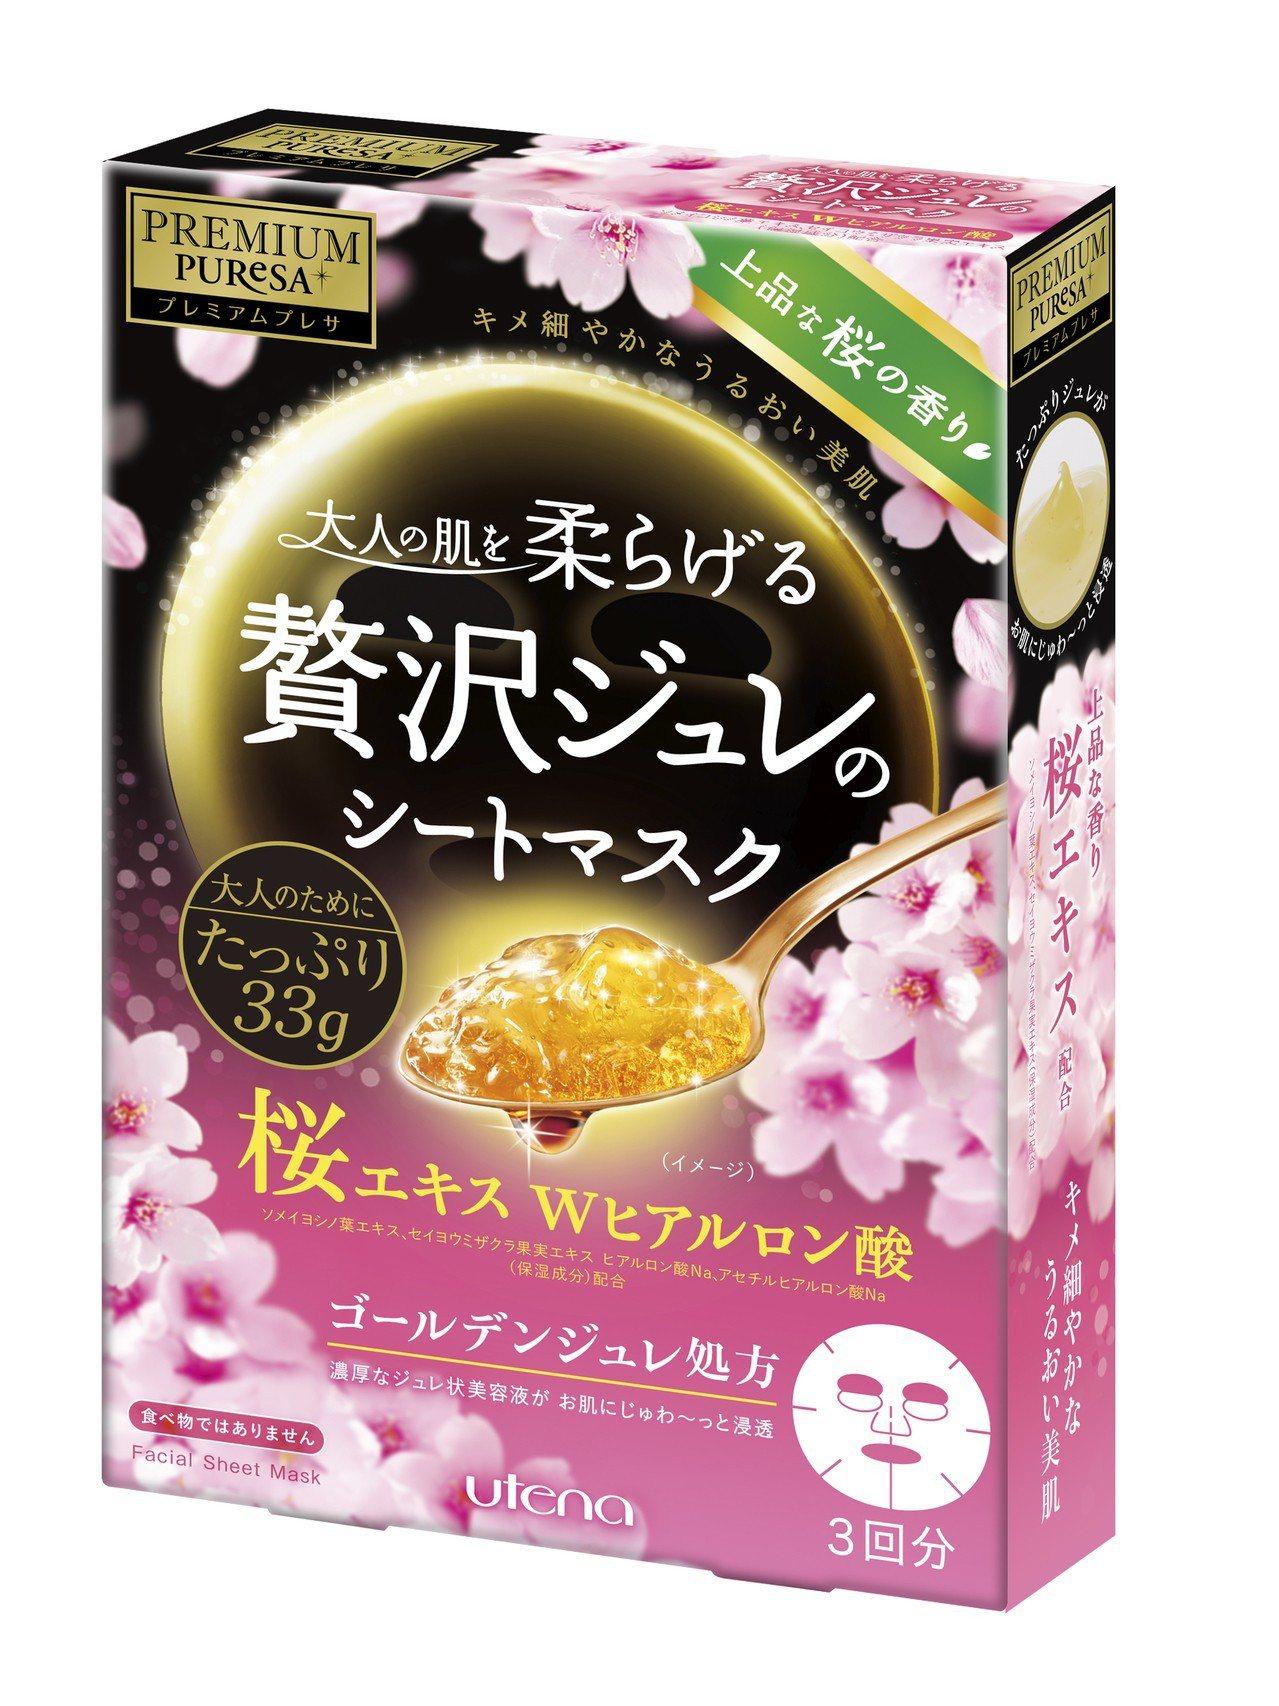 日本UTENA佑天蘭黃金果凍面膜(櫻花),原價350元、特價279元。圖/台隆手...